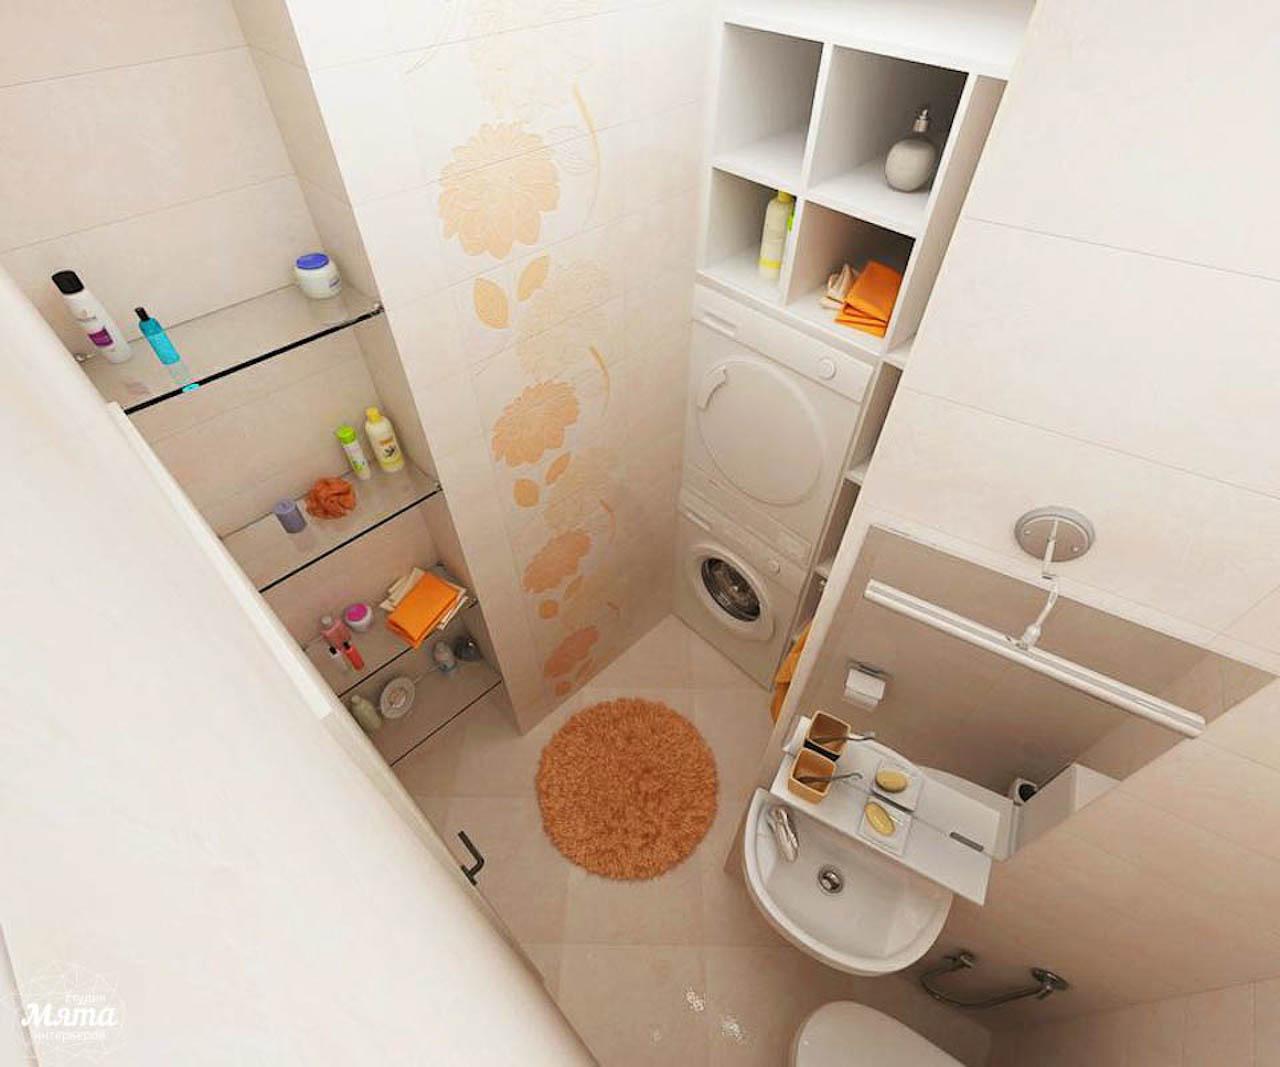 Дизайн интерьера трехкомнатной квартиры по ул. Куйбышева 80/1 img909506661